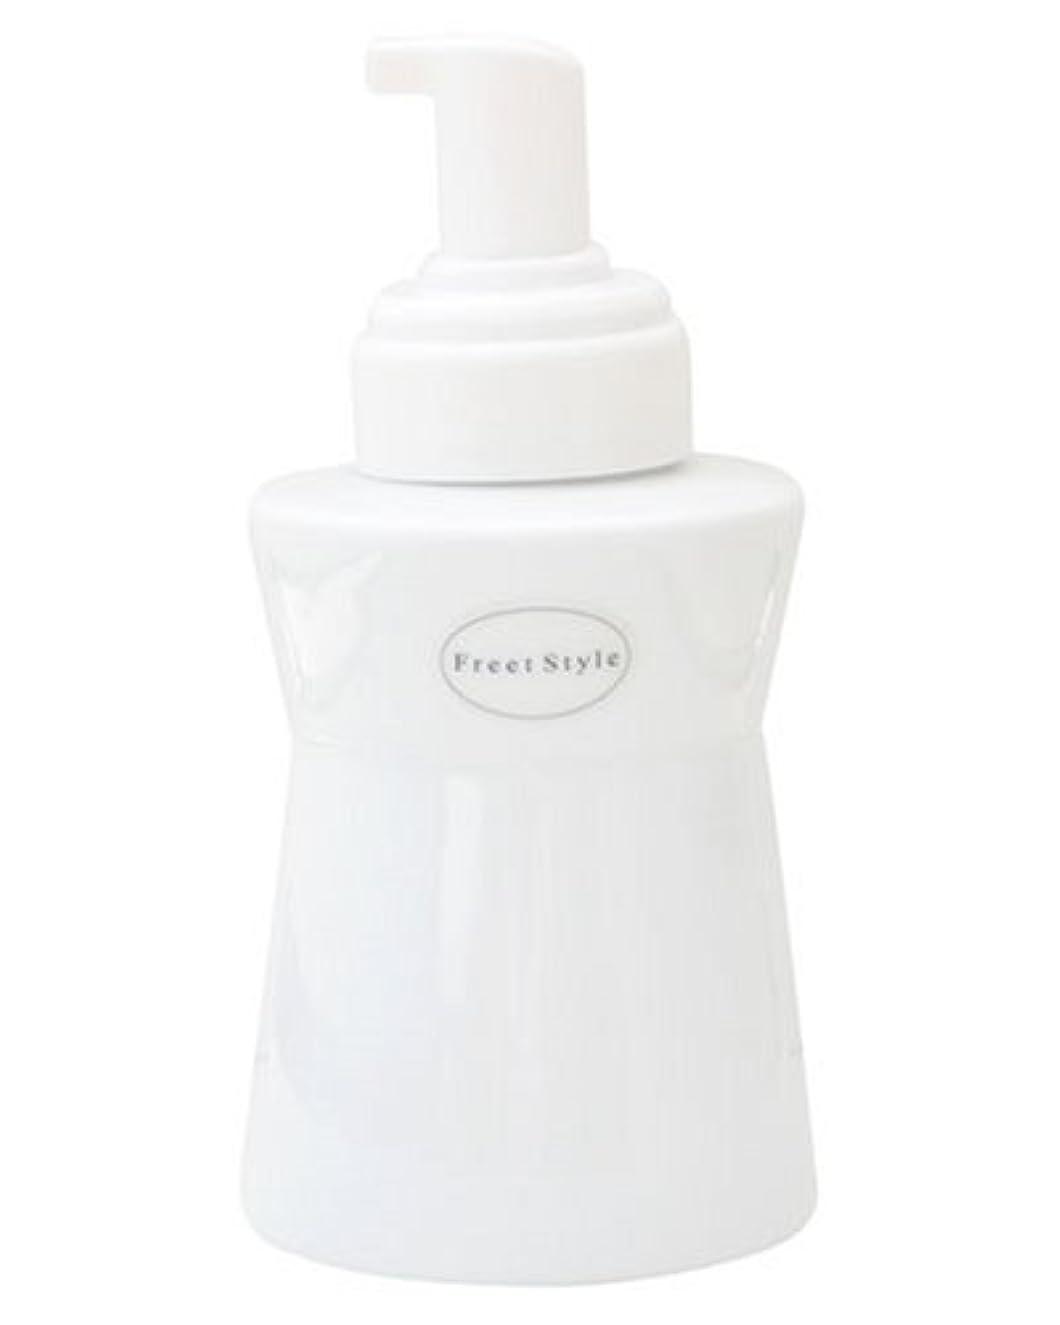 測定可能小麦粉うめきフリート ホワイトガーデン フォームポンプ 300ml